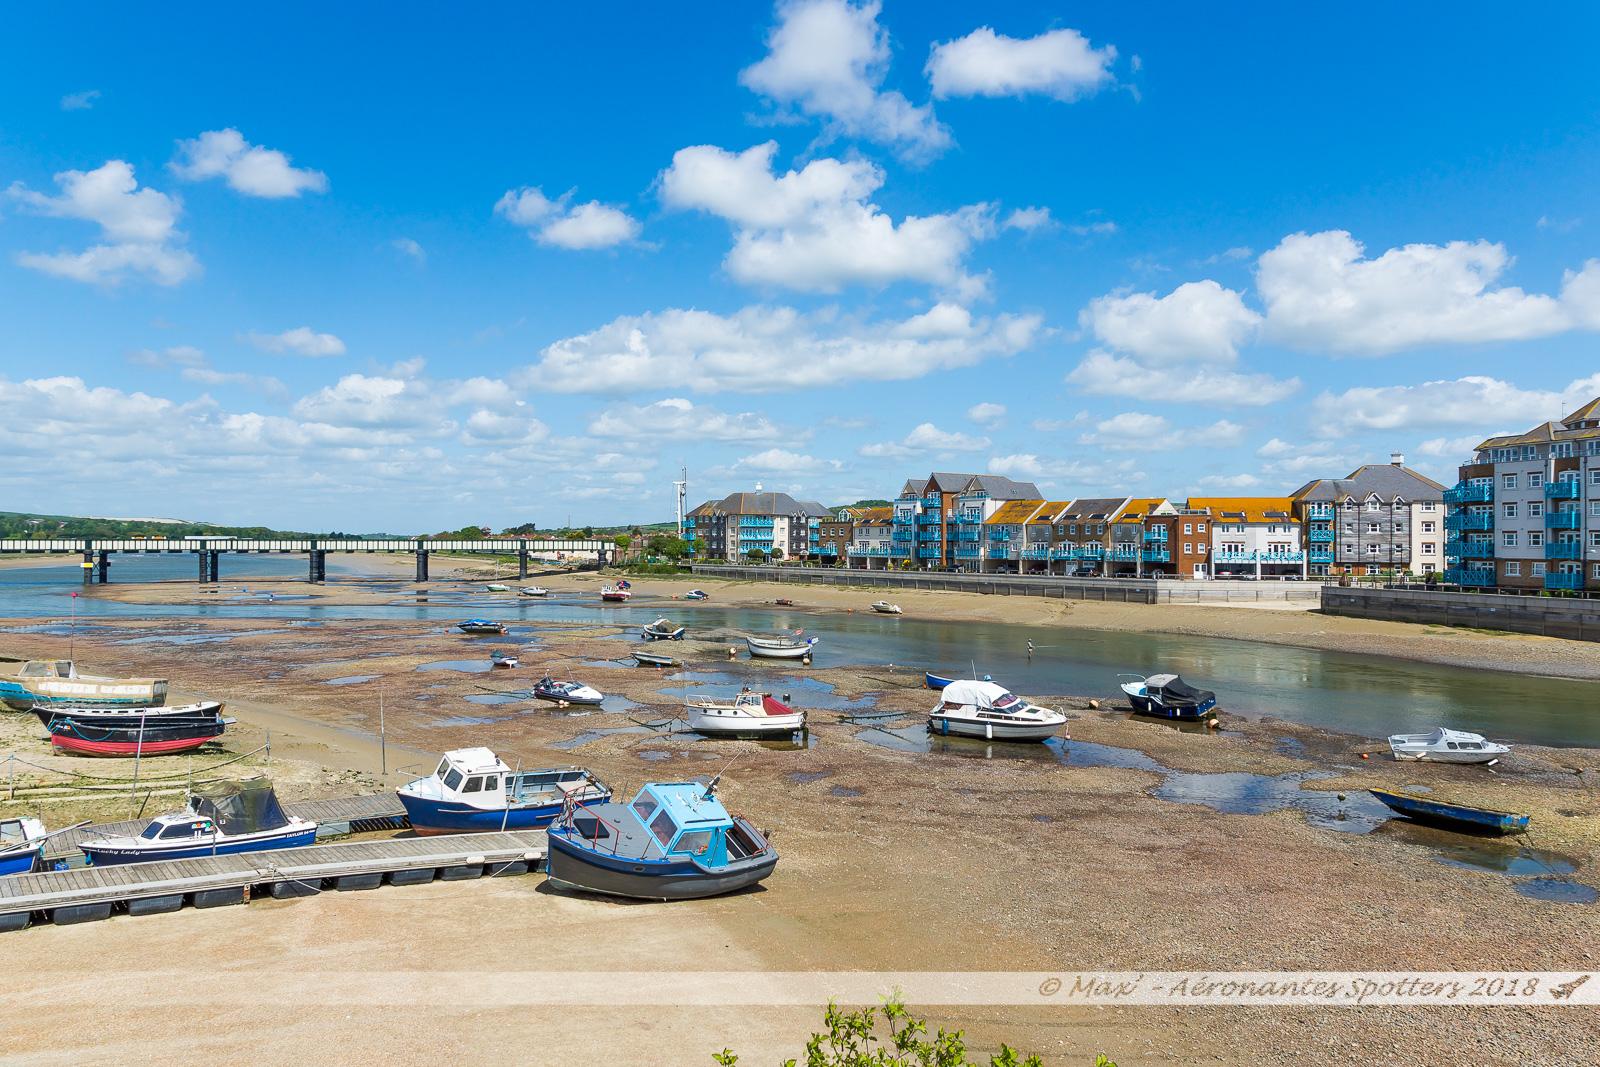 Estuaire de l'Adur et son viaduc ferroviaire à Shoreham-on-the-Sea